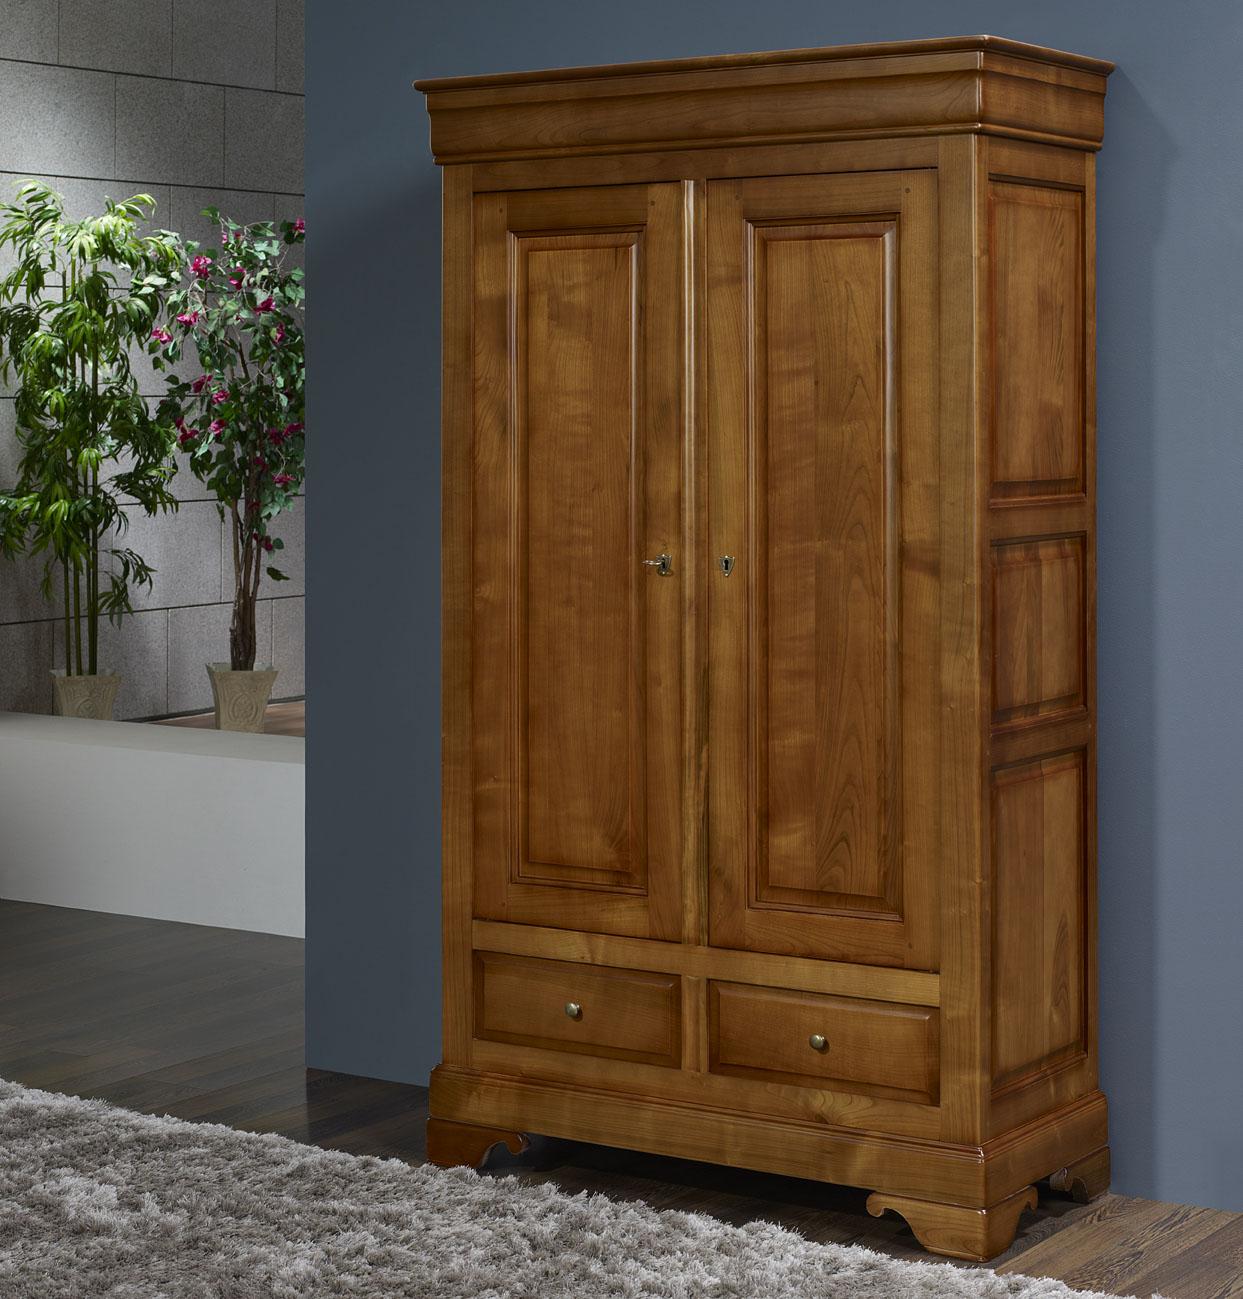 petite amoire en merisier massif de style louis philippe meuble en merisier. Black Bedroom Furniture Sets. Home Design Ideas